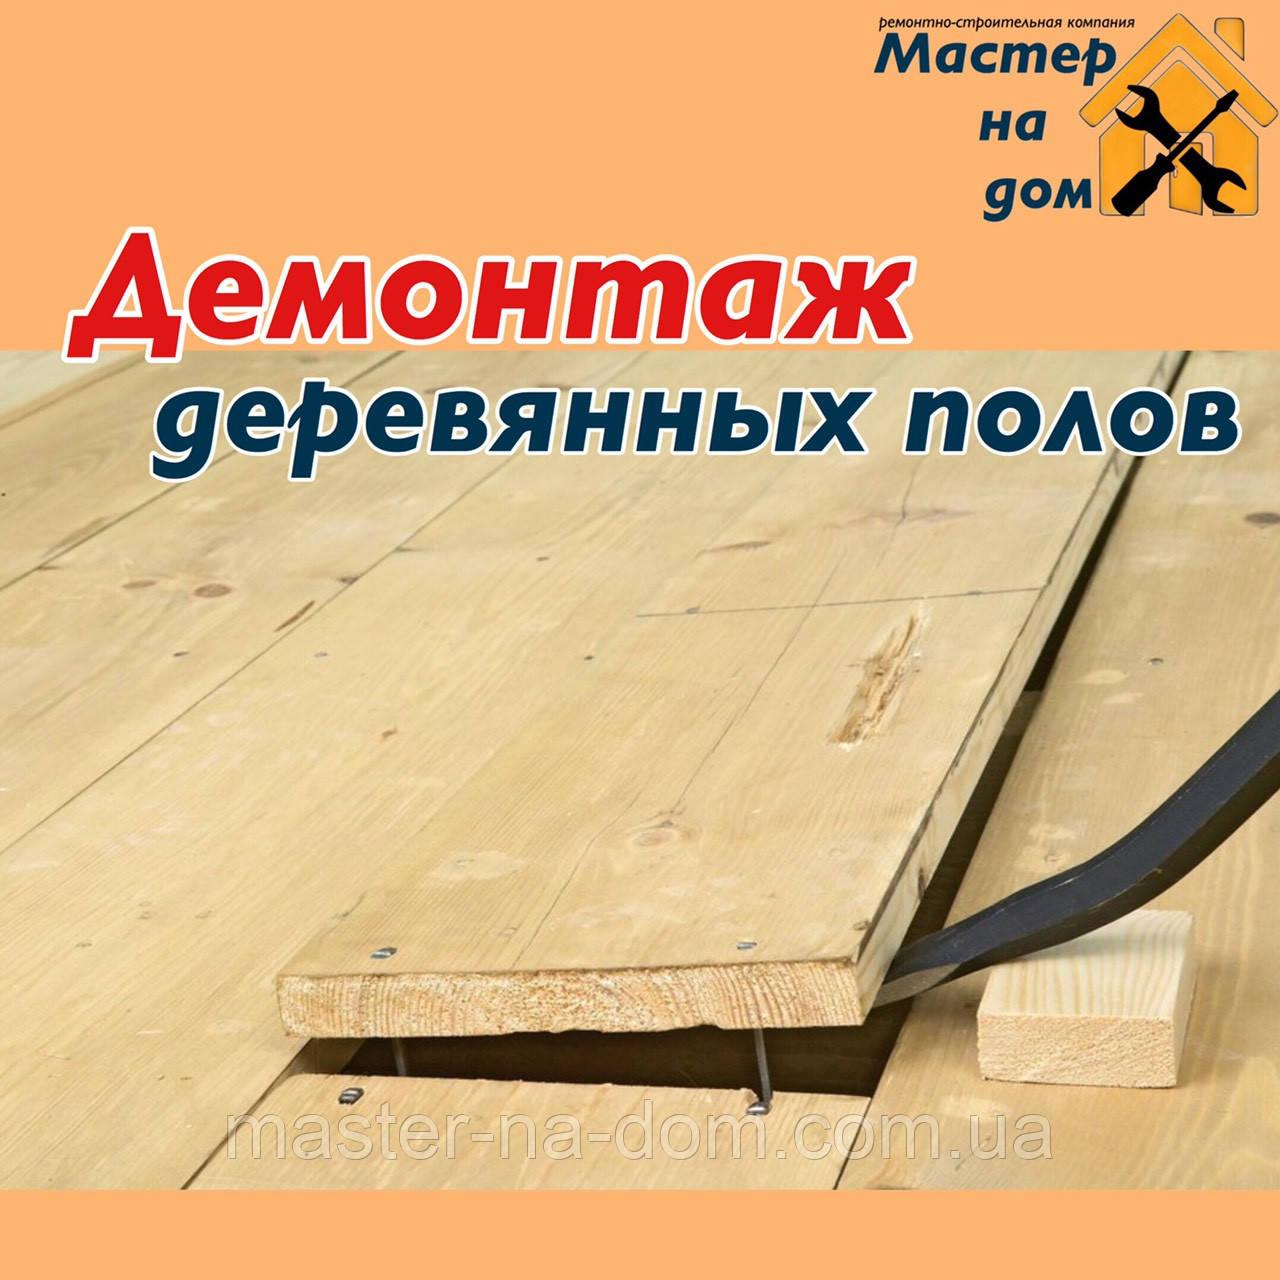 Демонтаж деревянных, паркетных полов во Львове